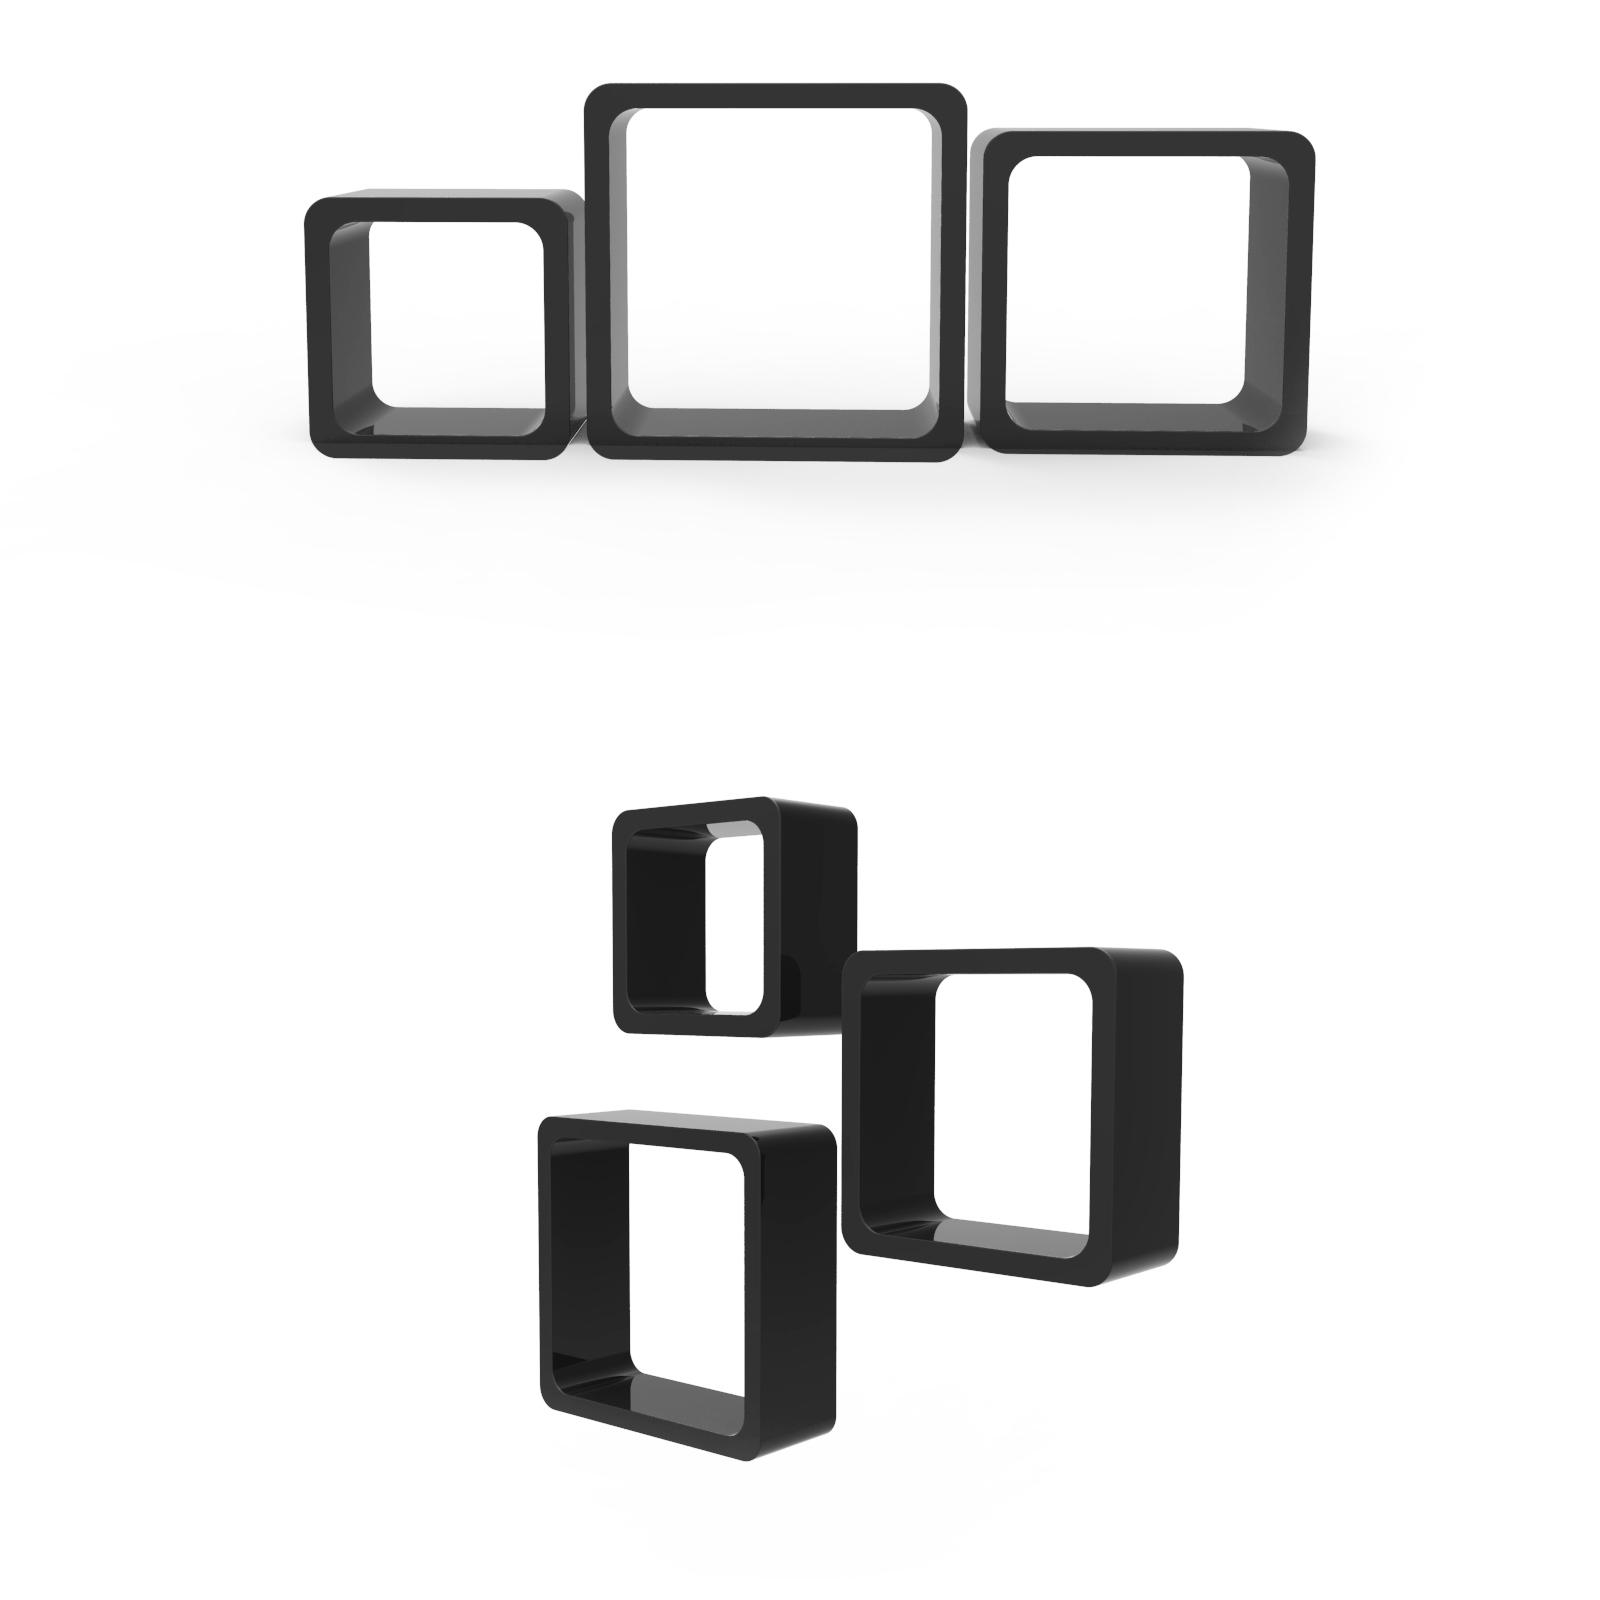 3er Set Cube Regale Hängeregal Wandregal Bücherregal Lounge Hochglanz MDF Regal